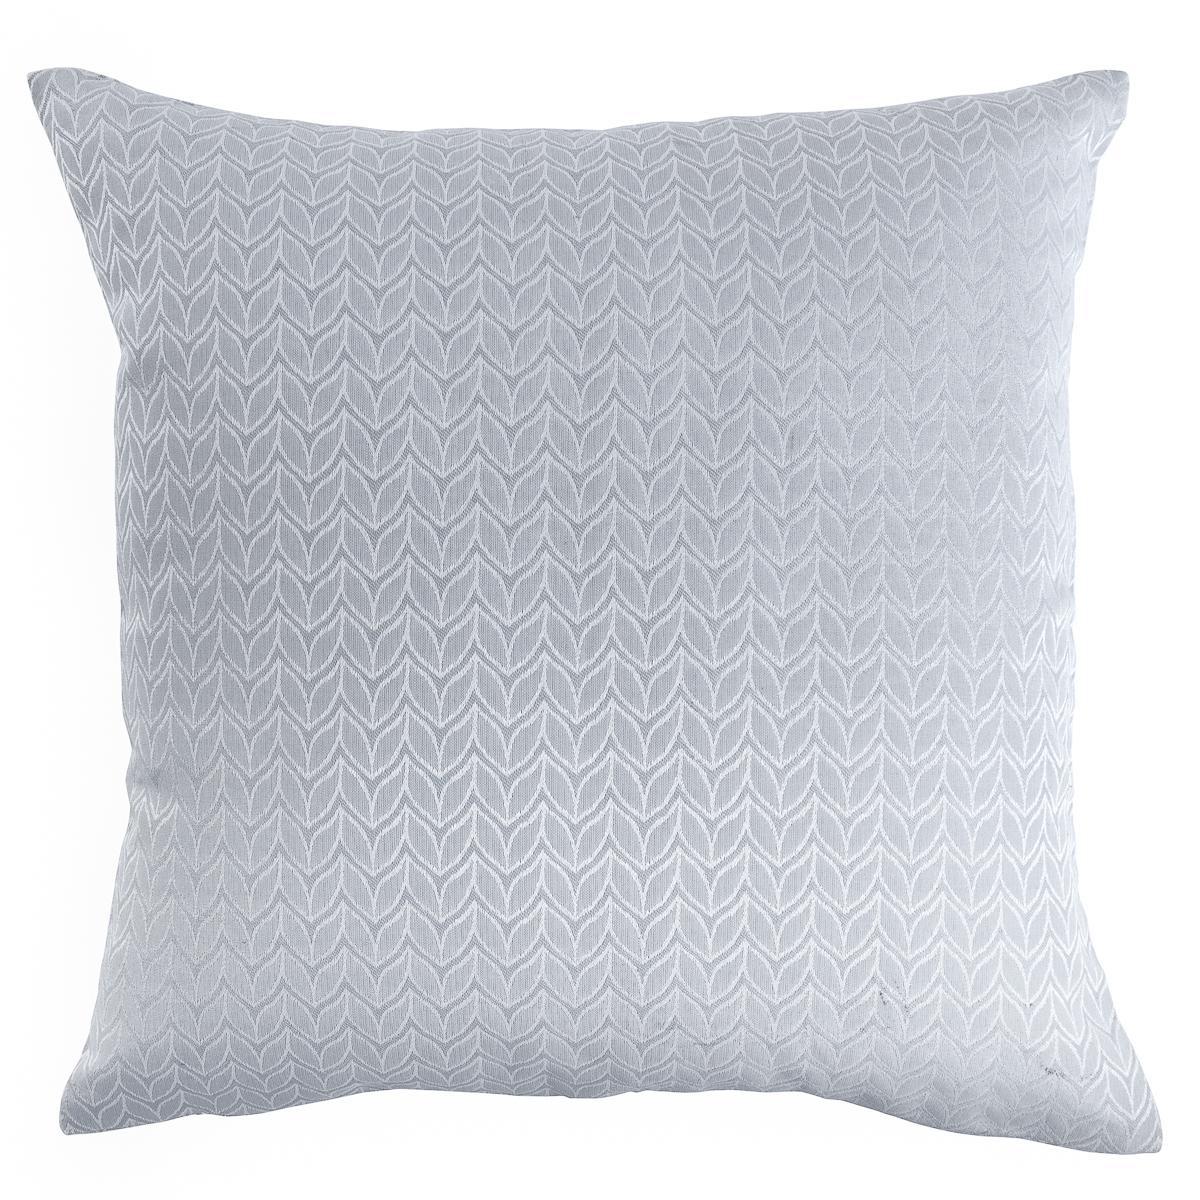 Наволочка декоративная Wess Serenity, цвет: светло-серый, 40 х 40 смB02-05Декоративная наволочка из жаккардовой ткани с потайной молнией. Однотонные ткани хорошо сочетаются с обоями с выразительным рисунком. Чтобы придать нотку чувственности вашей комнате, используйте постельное белье с эффектным принтом.Плотность: 240 г/м2.